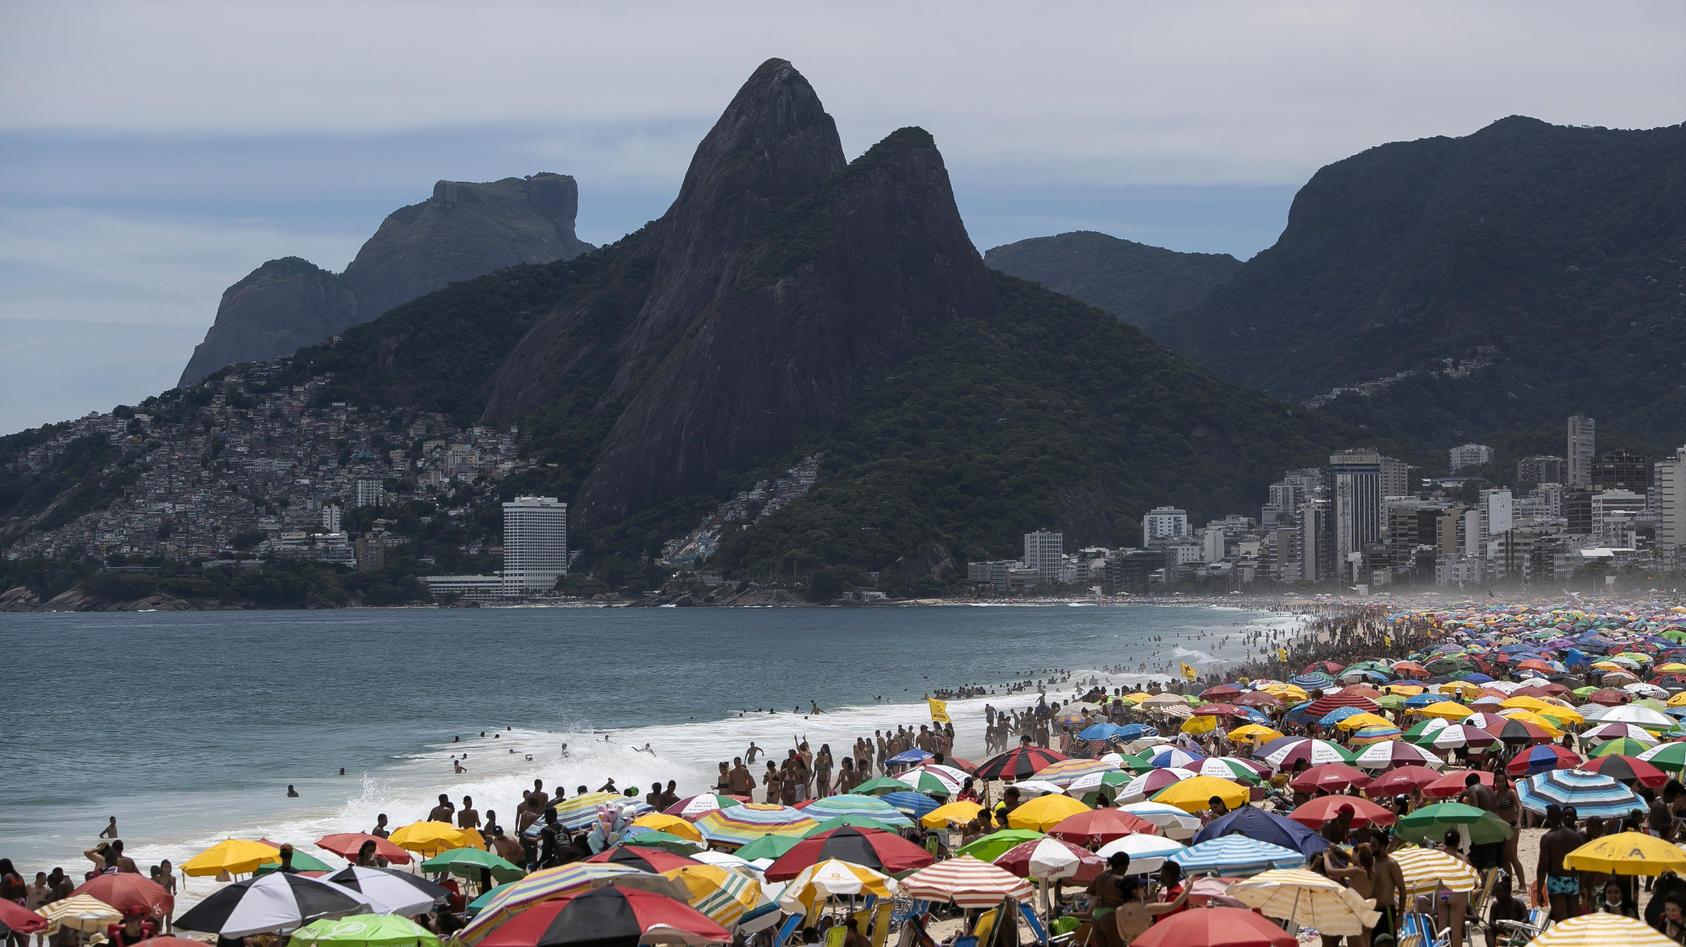 In Brasilien verbreitet sich eine gefährliche Corona-Mutation - die Strände in Rio de Janeiro sind trotzdem voll.